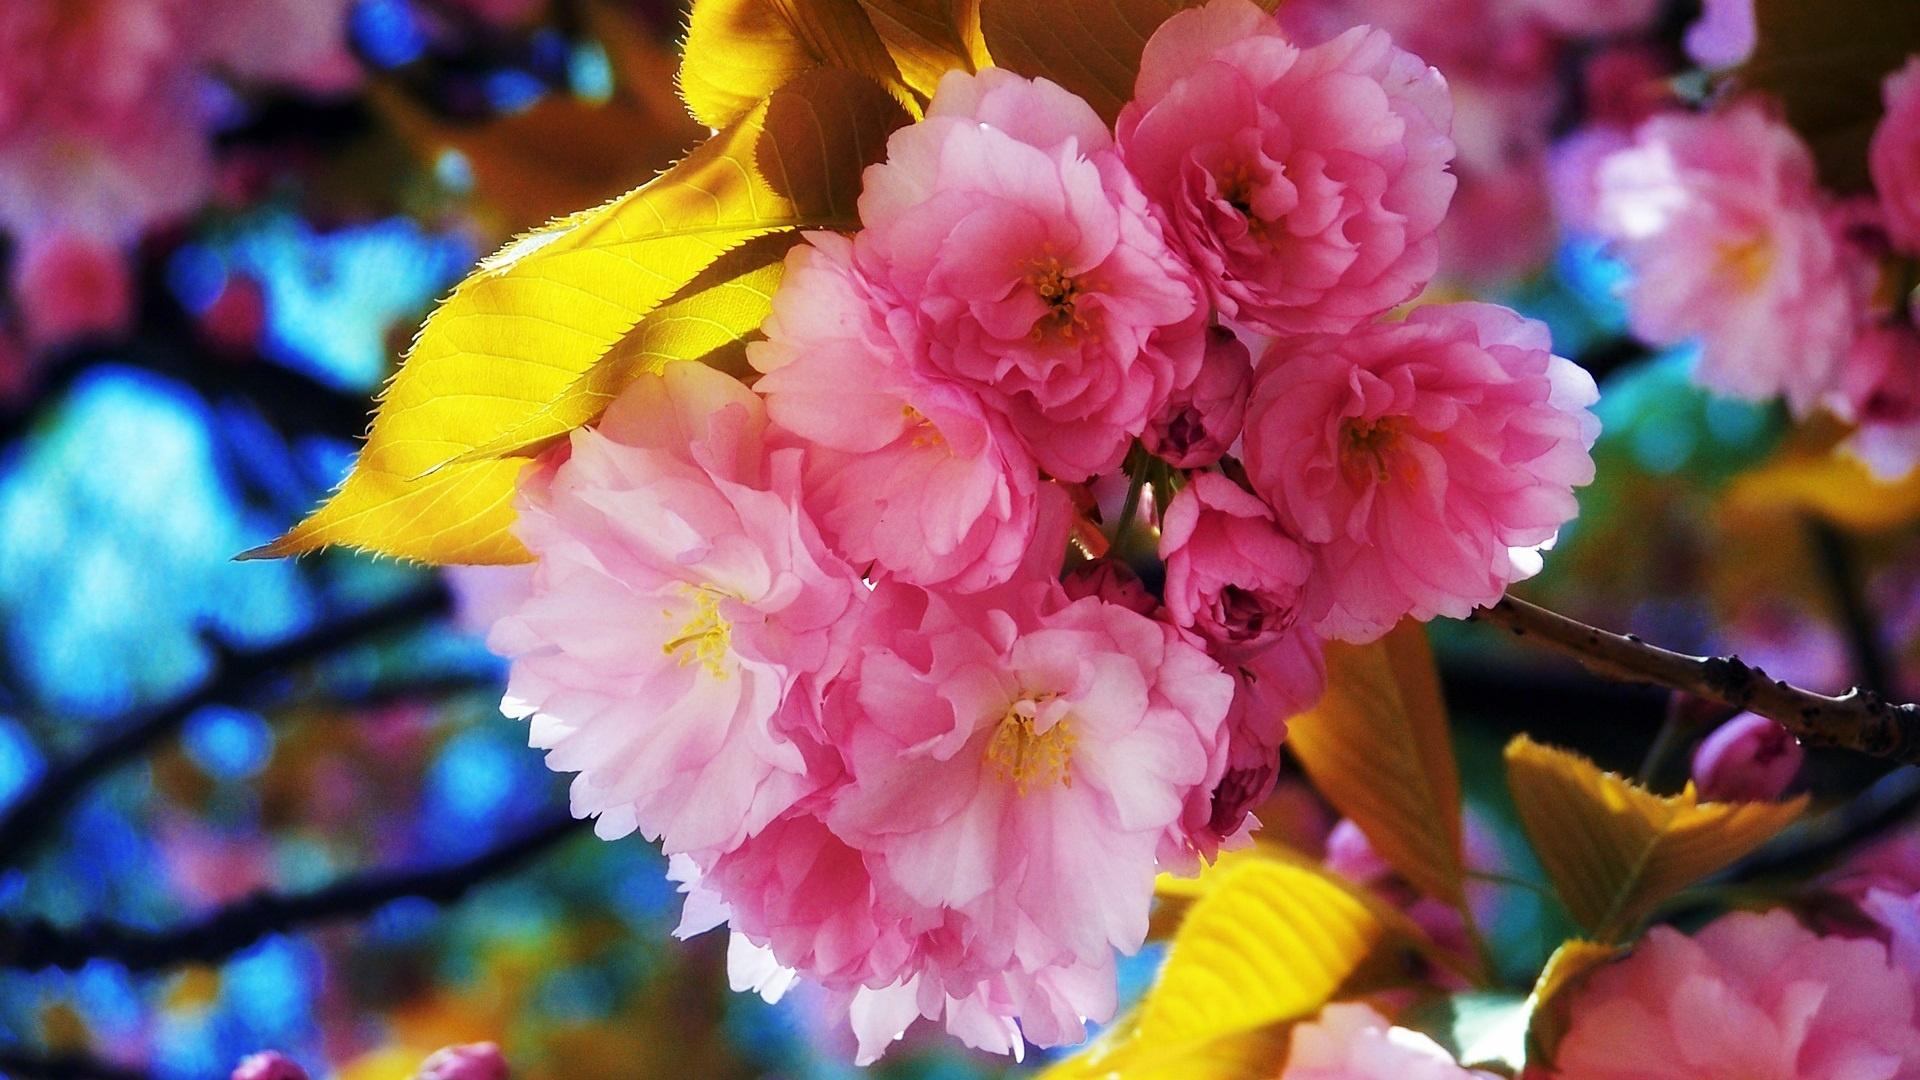 Beautiful Flowers 1920 1080 HD Wallpaper